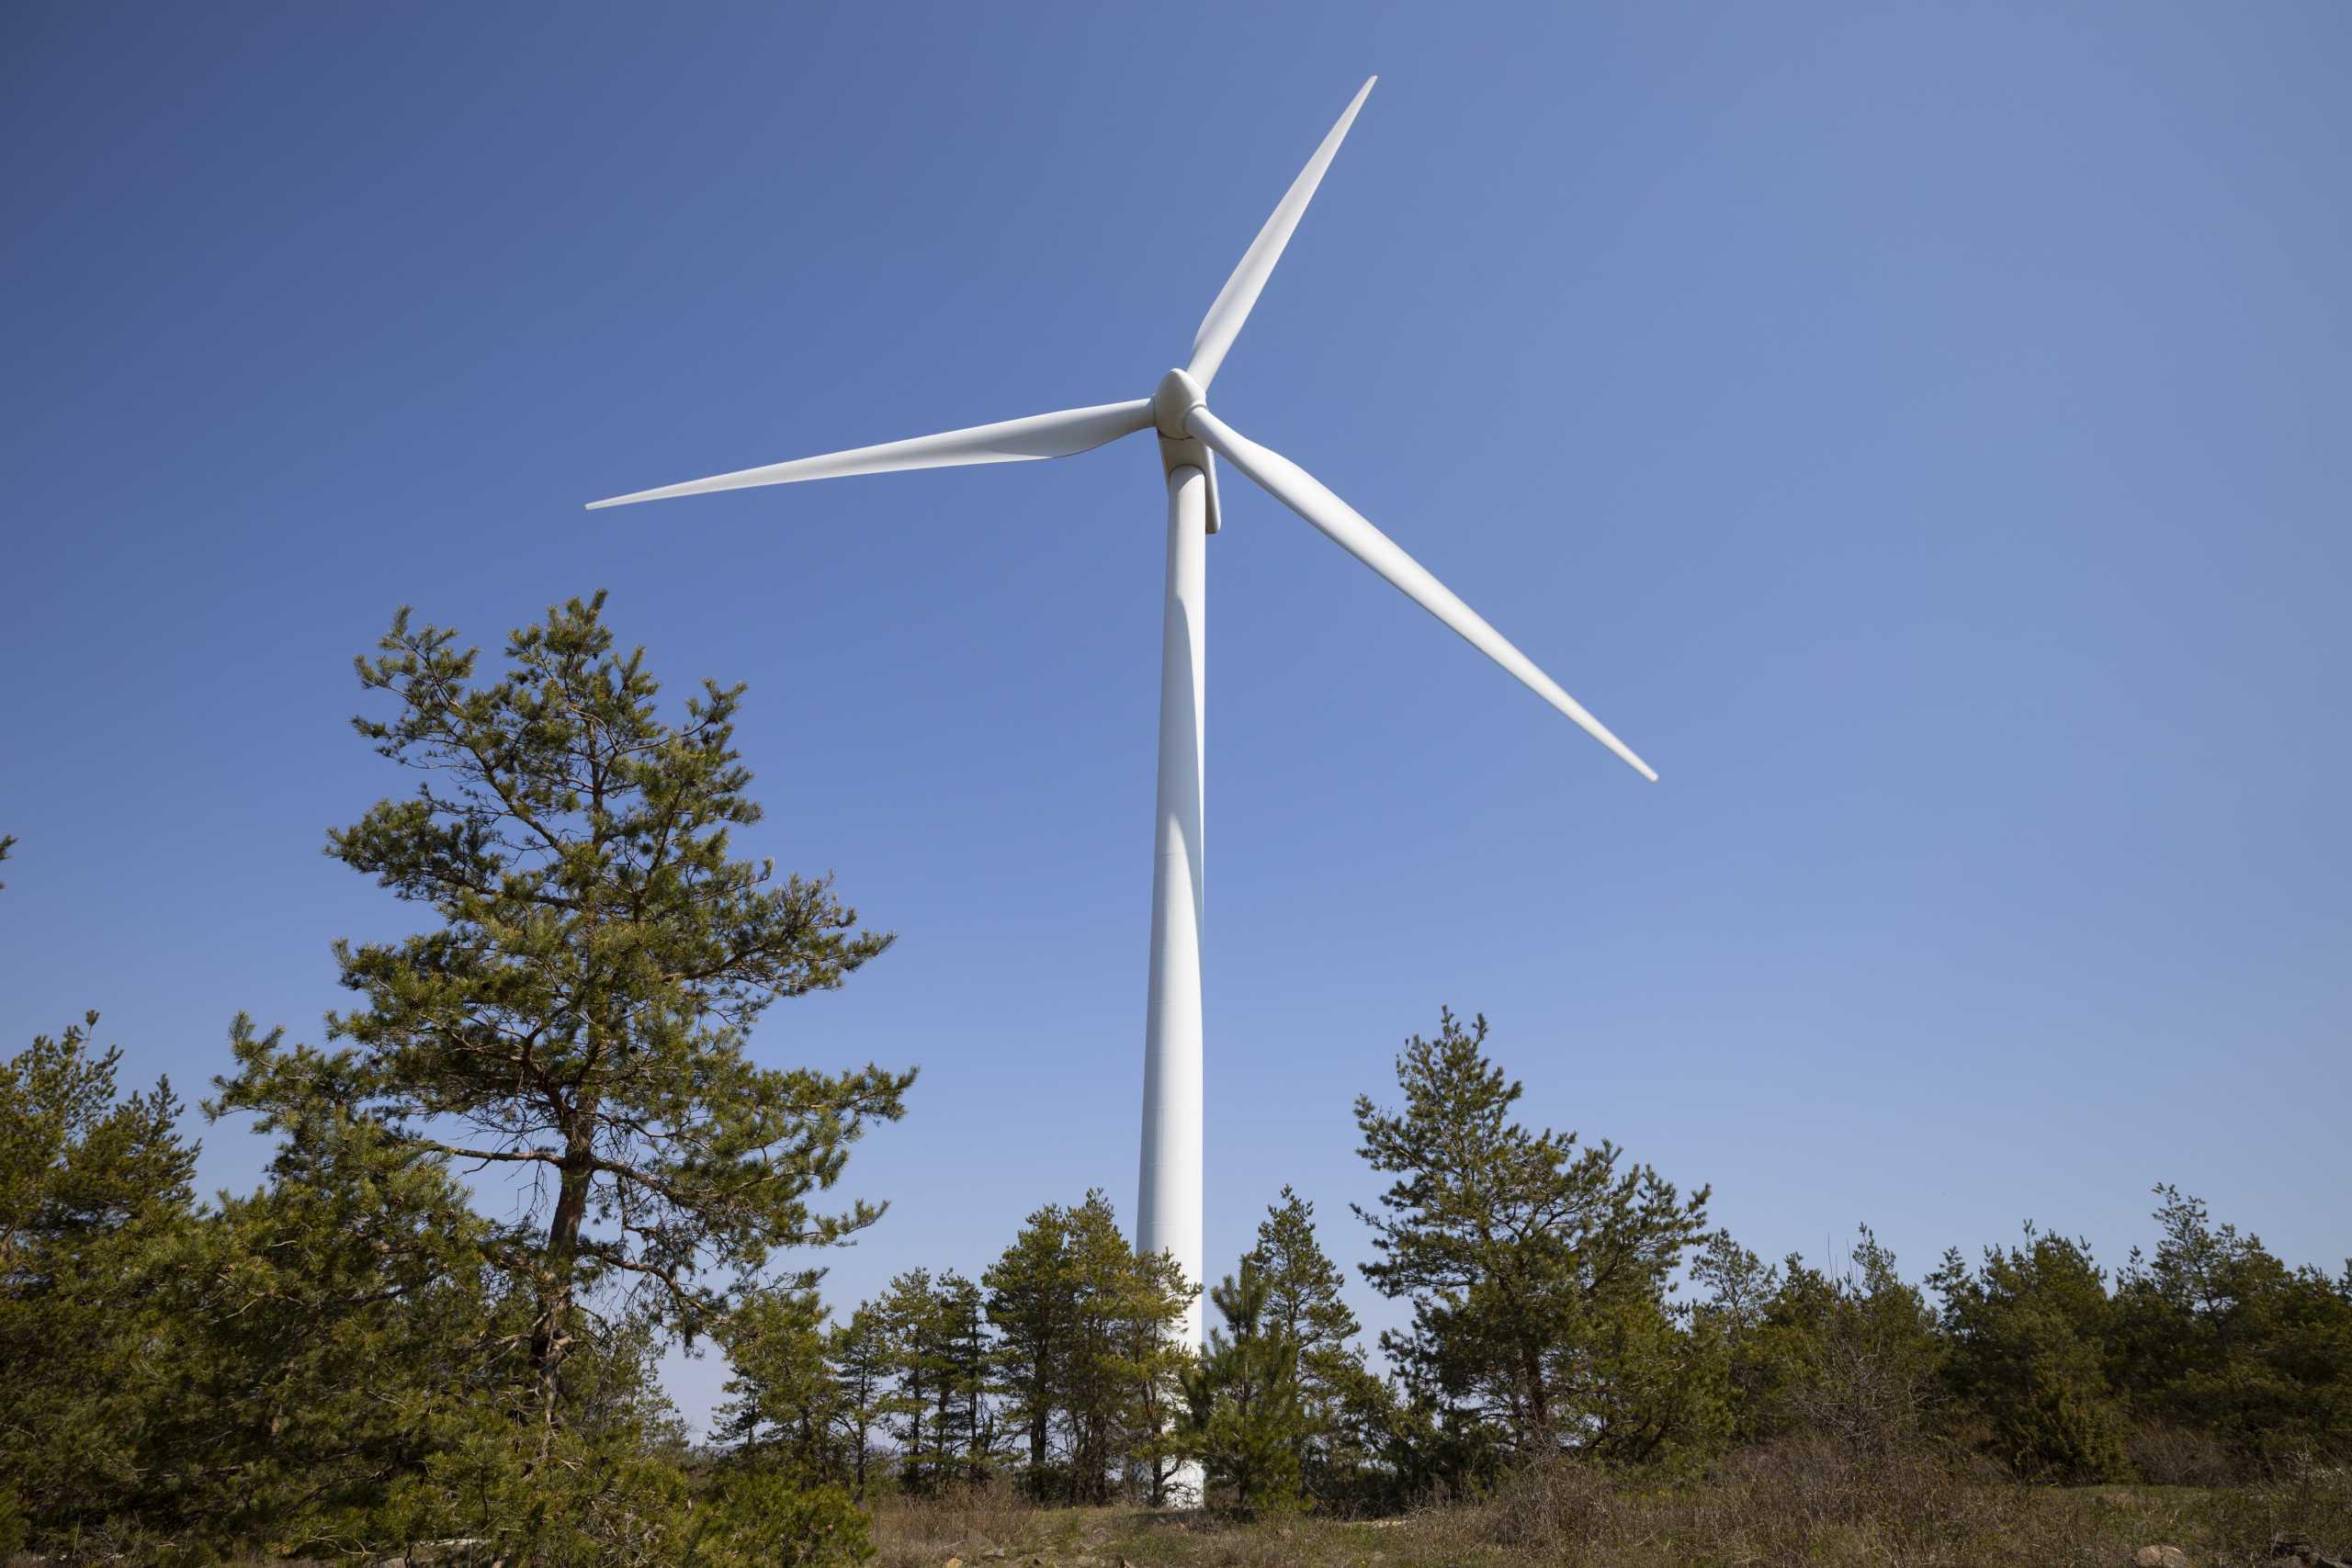 Τέρνα Ενεργειακή: Αύξηση κύκλου εργασιών και κερδοφορίας εν μέσω πανδημίας